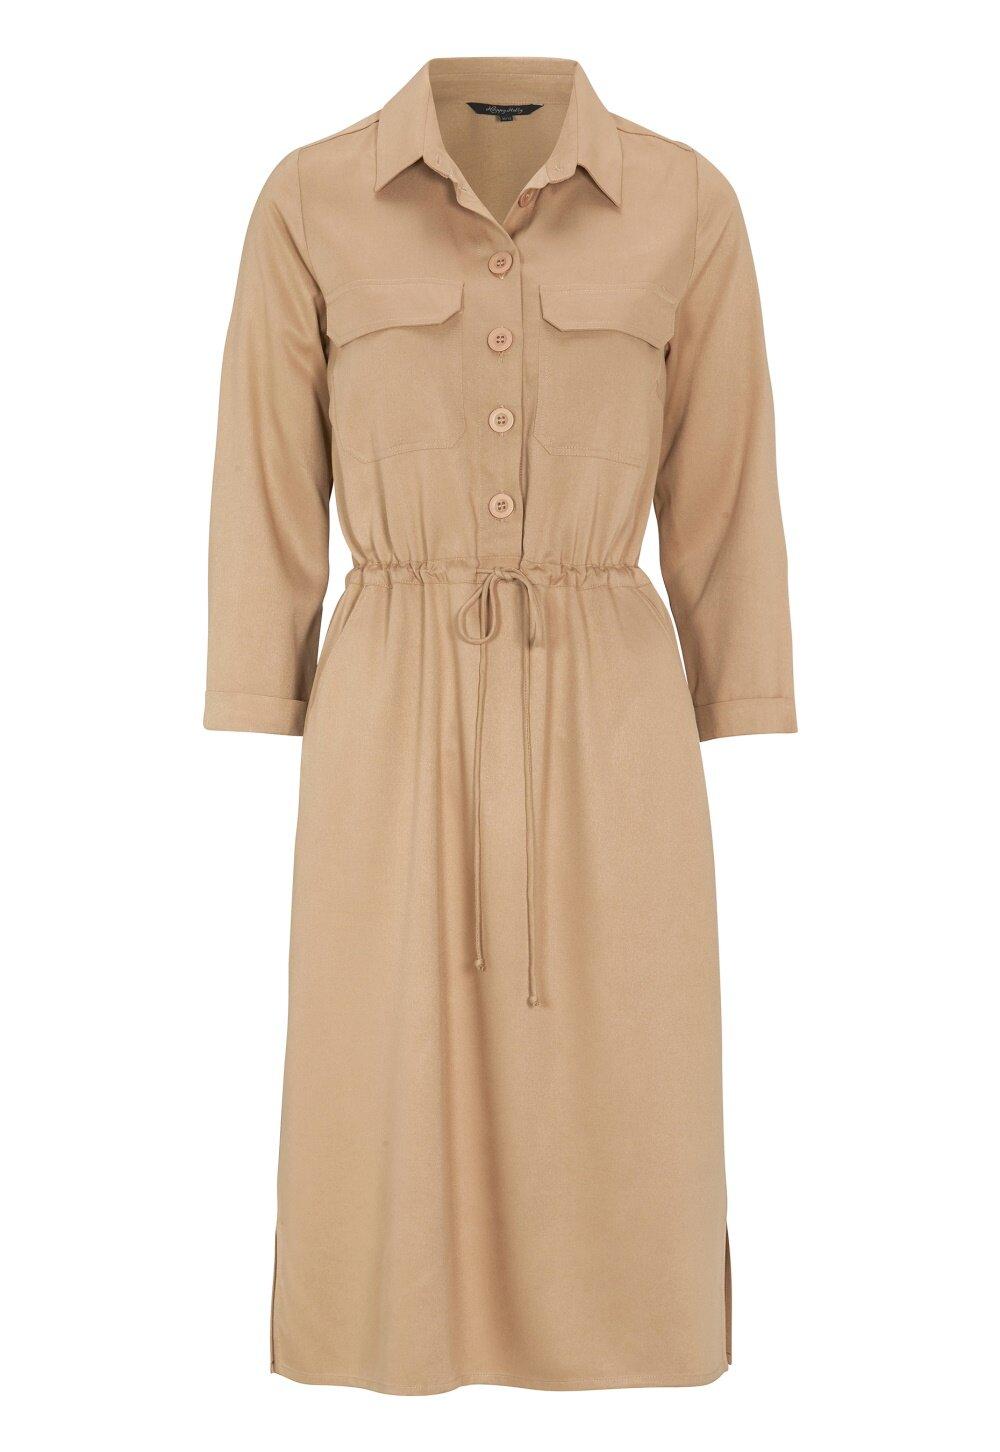 happy-holly-sarah-utility-shirt-dress-khaki-beige_5